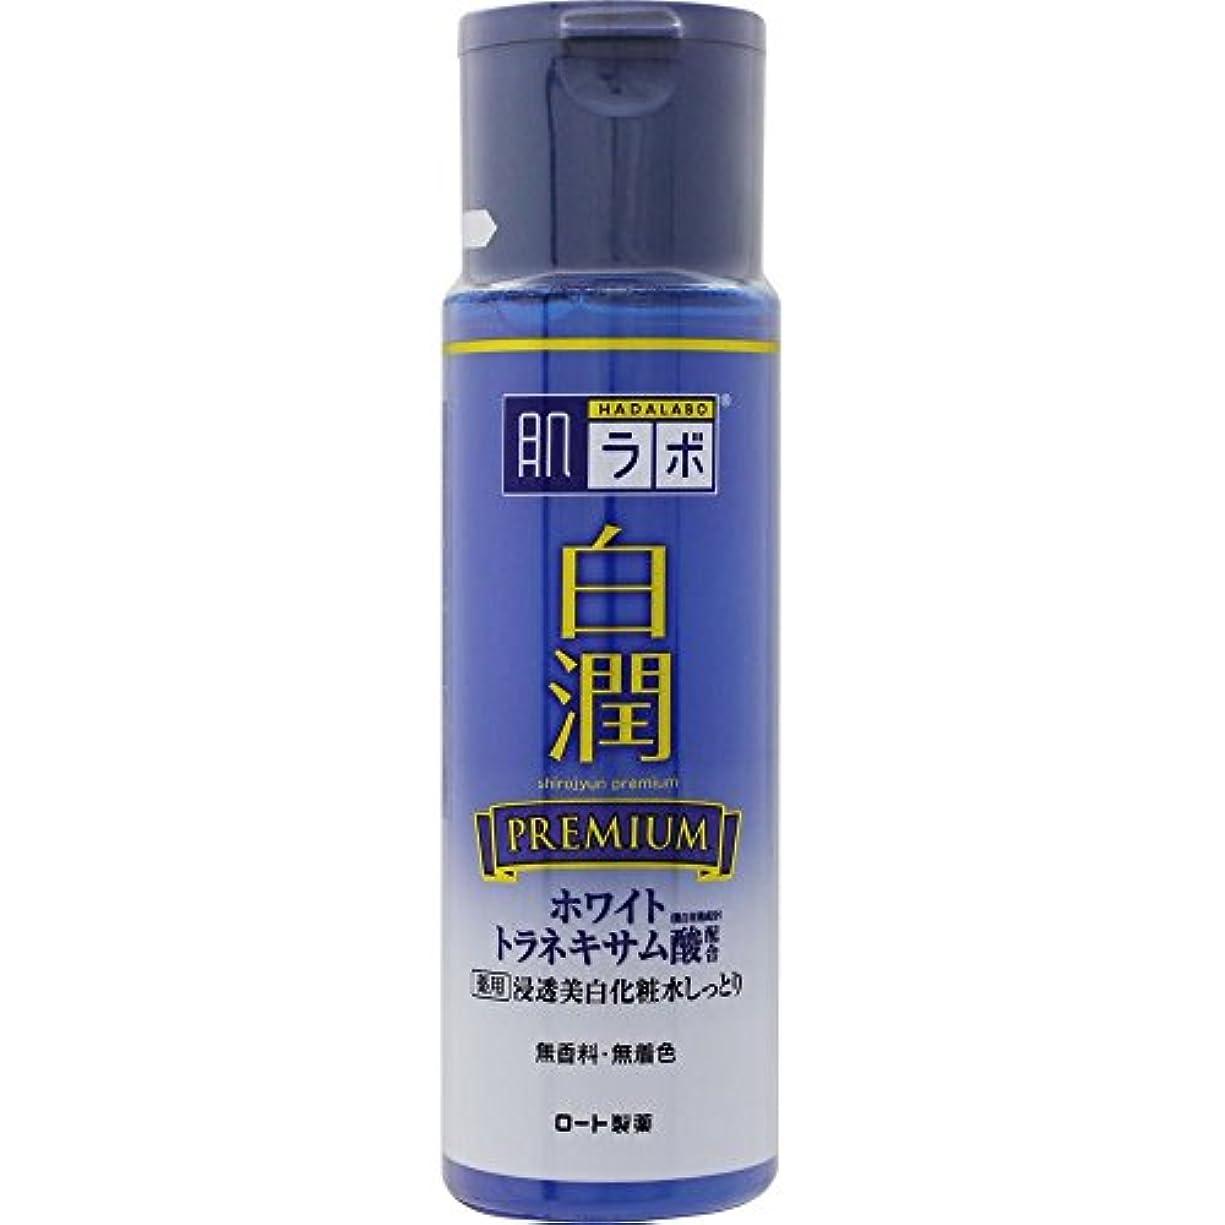 ハイランド連鎖脅威肌ラボ 白潤プレミアム 薬用浸透美白化粧水しっとり 170mL (医薬部外品)